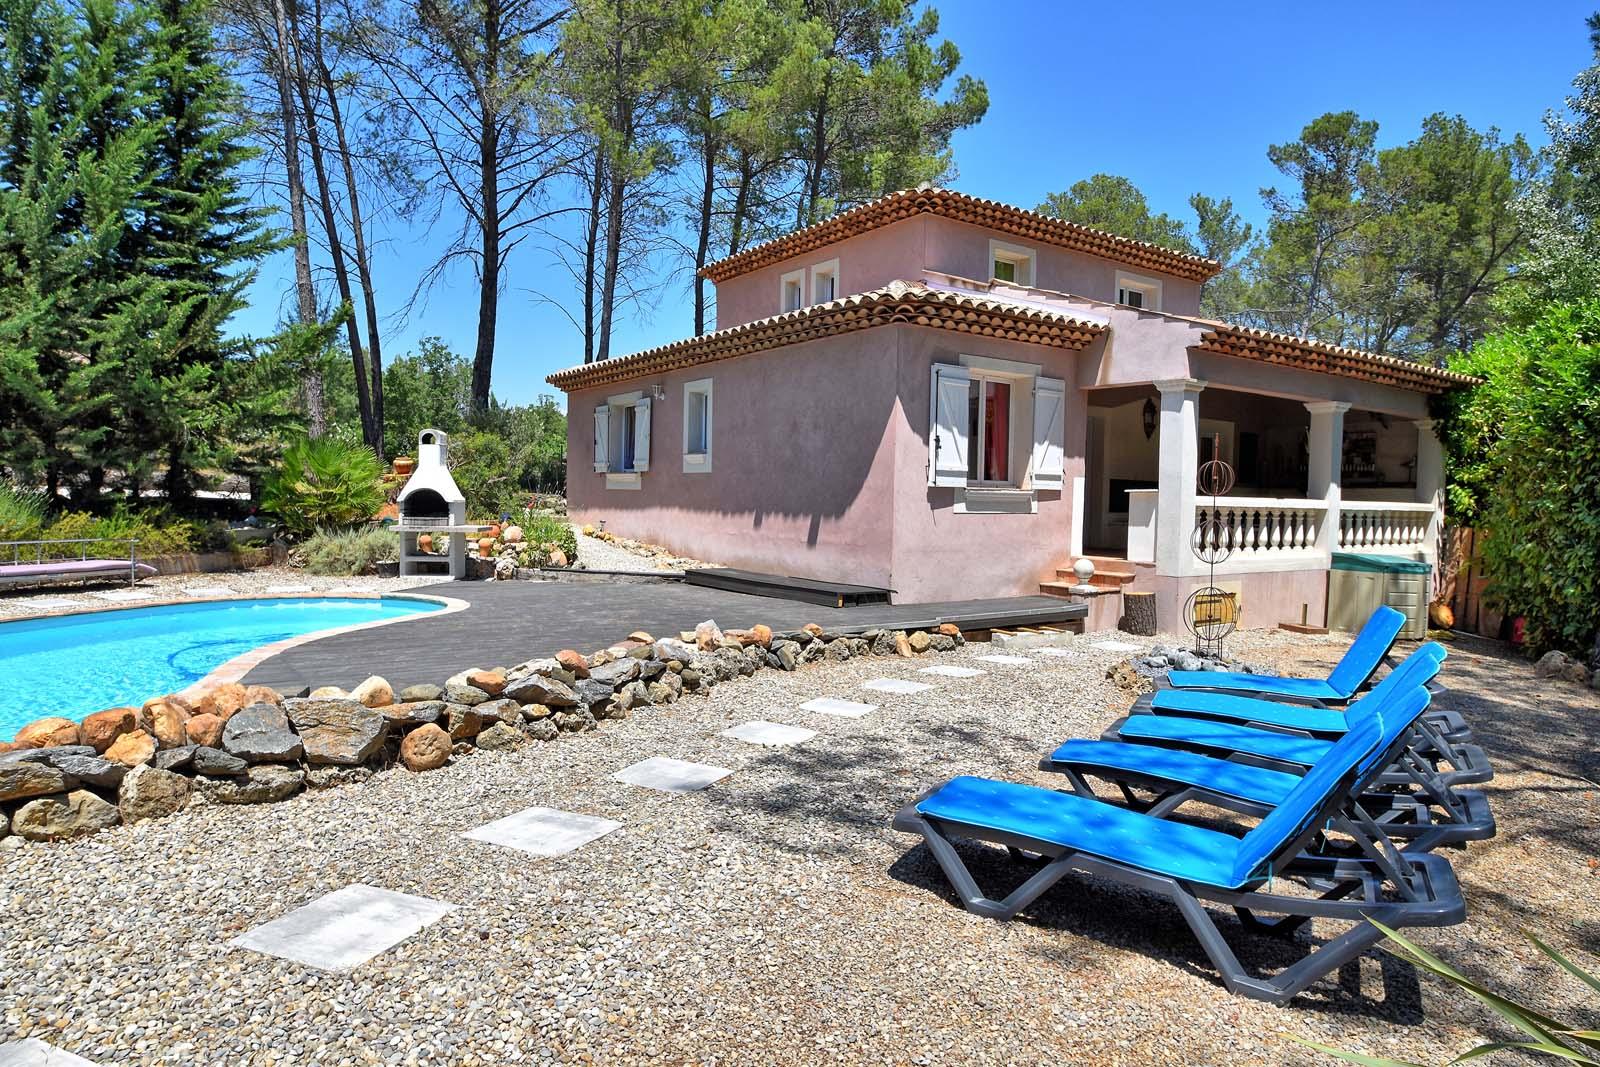 Vakantiehuis in Les Arcs-sur-Argens met zwembad, in Provence-Cote d'Azur.